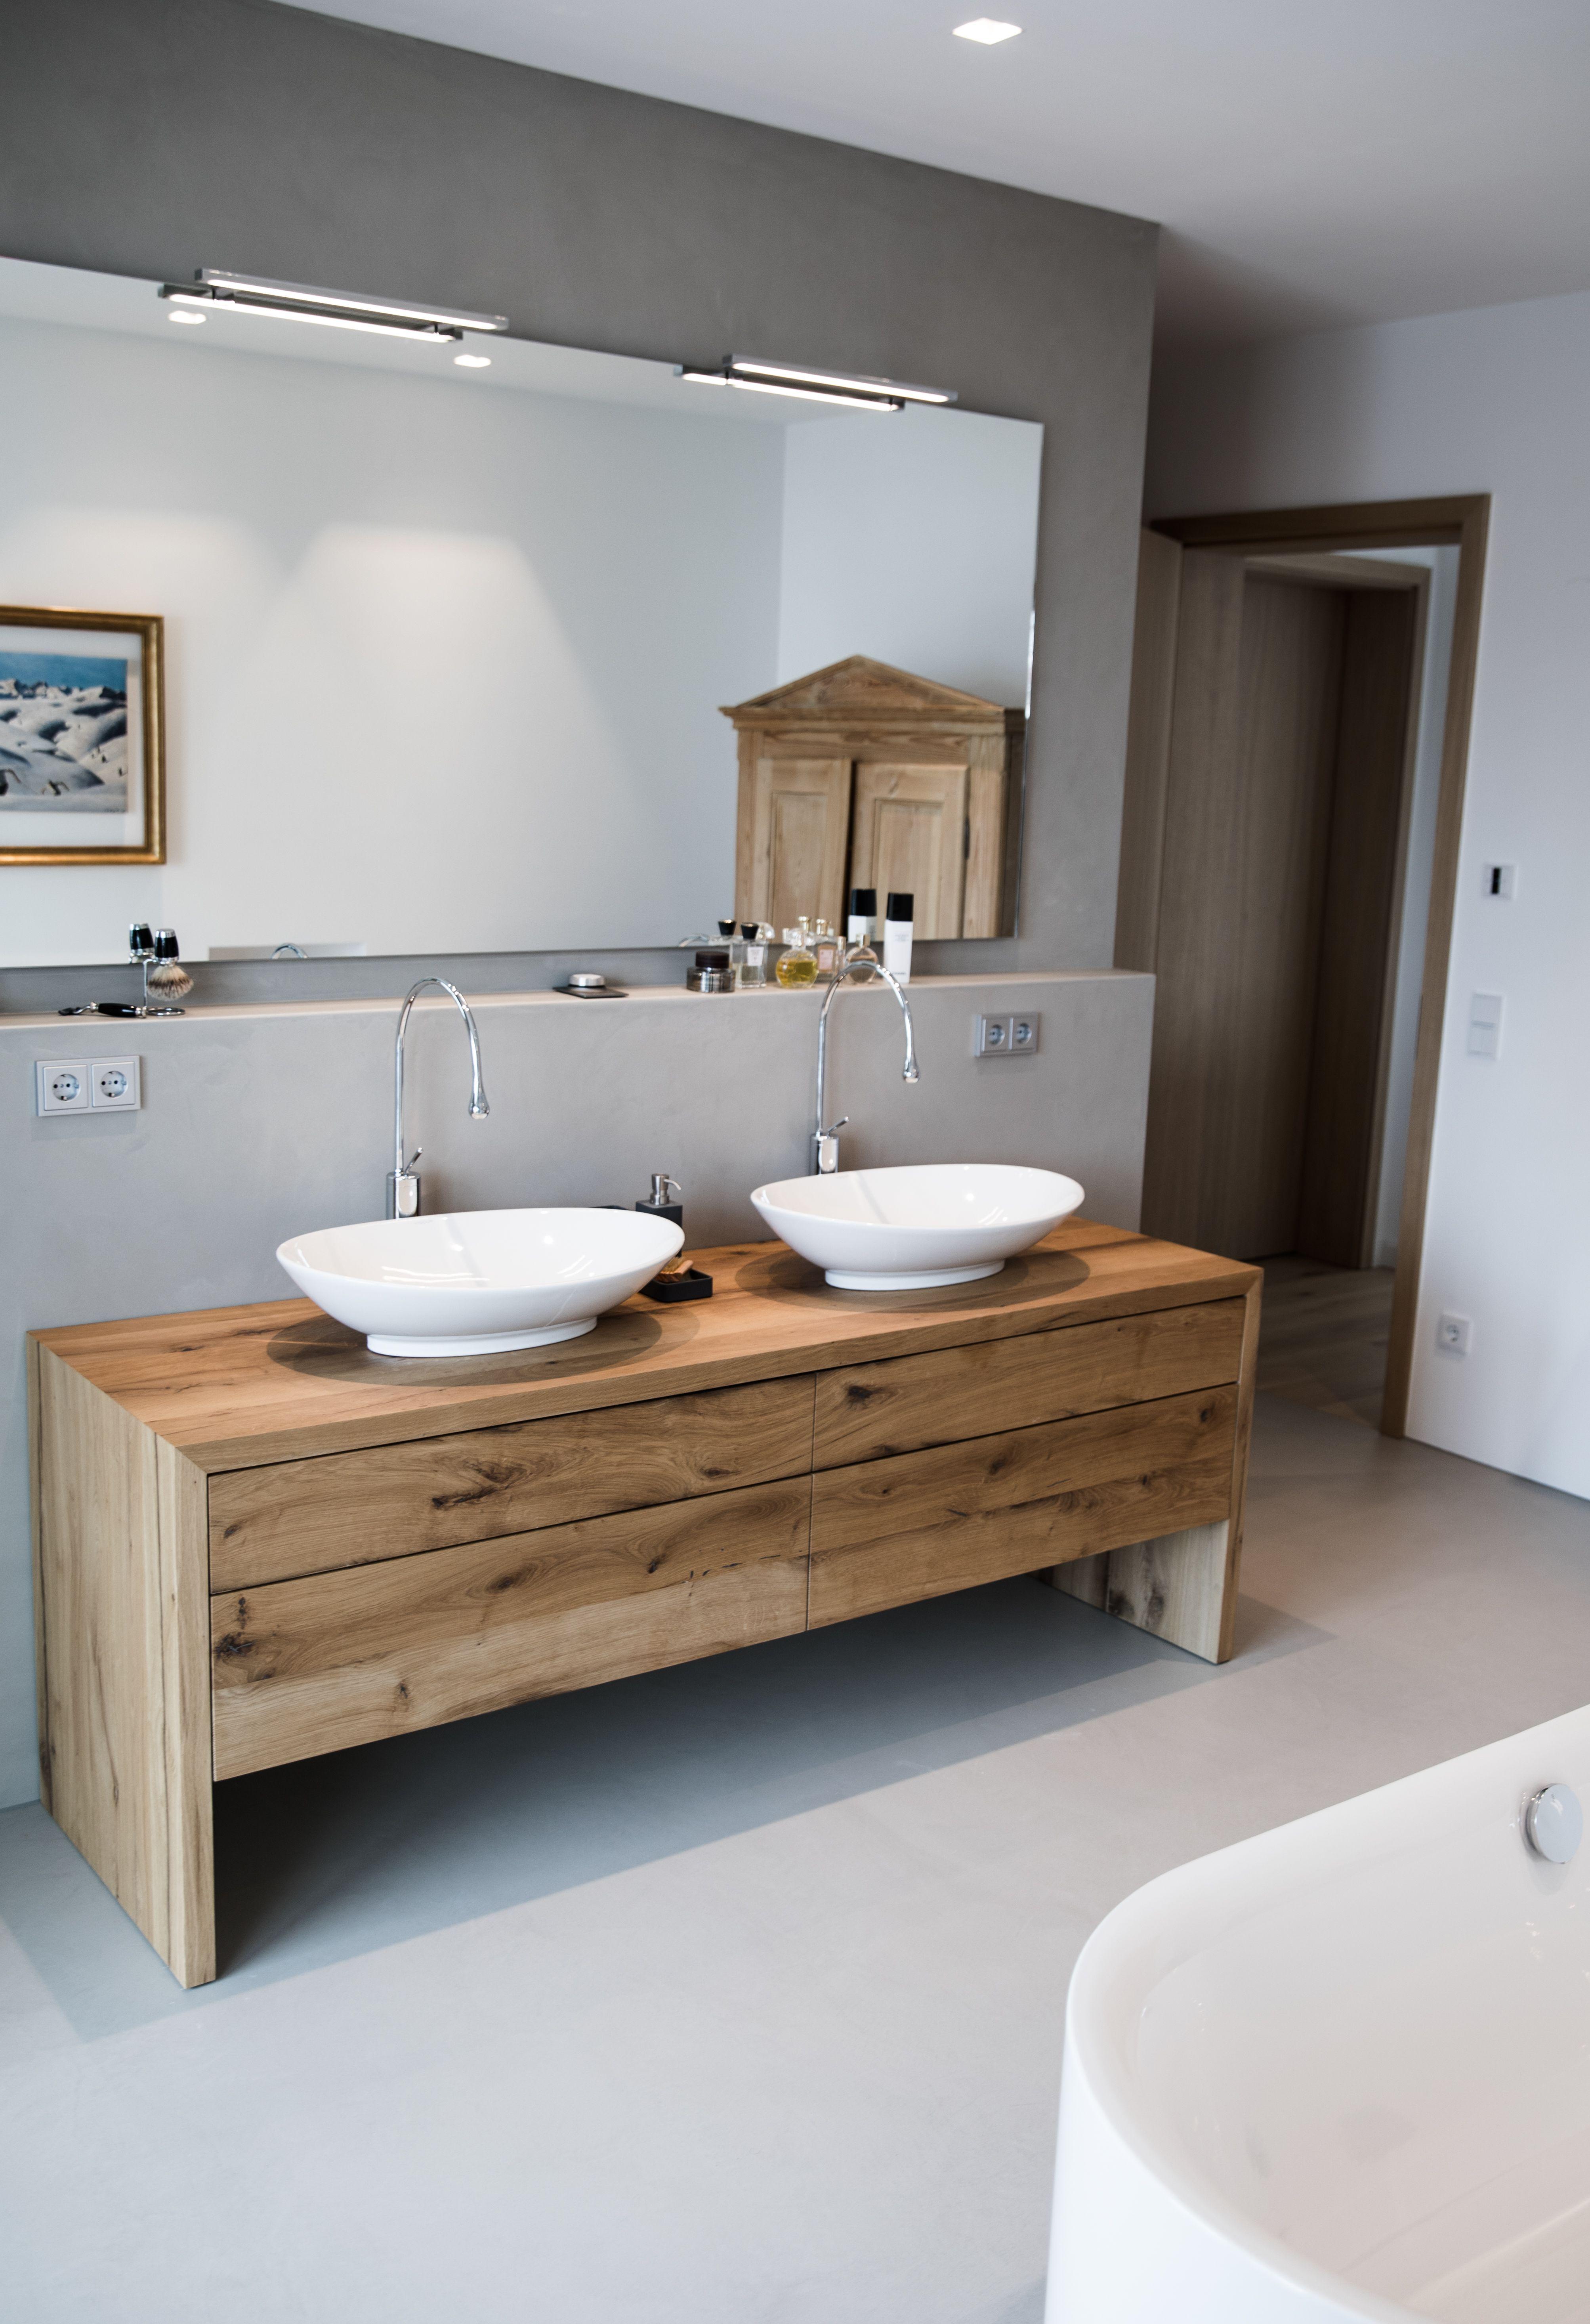 Badezimmerboden Designboden Badezimmer Badmobel Badezimmermobel Badmobel Set Spiegelschrank Bad Badezimmerschrank Badspiegel Badheizkorper Badschrank B In 2020